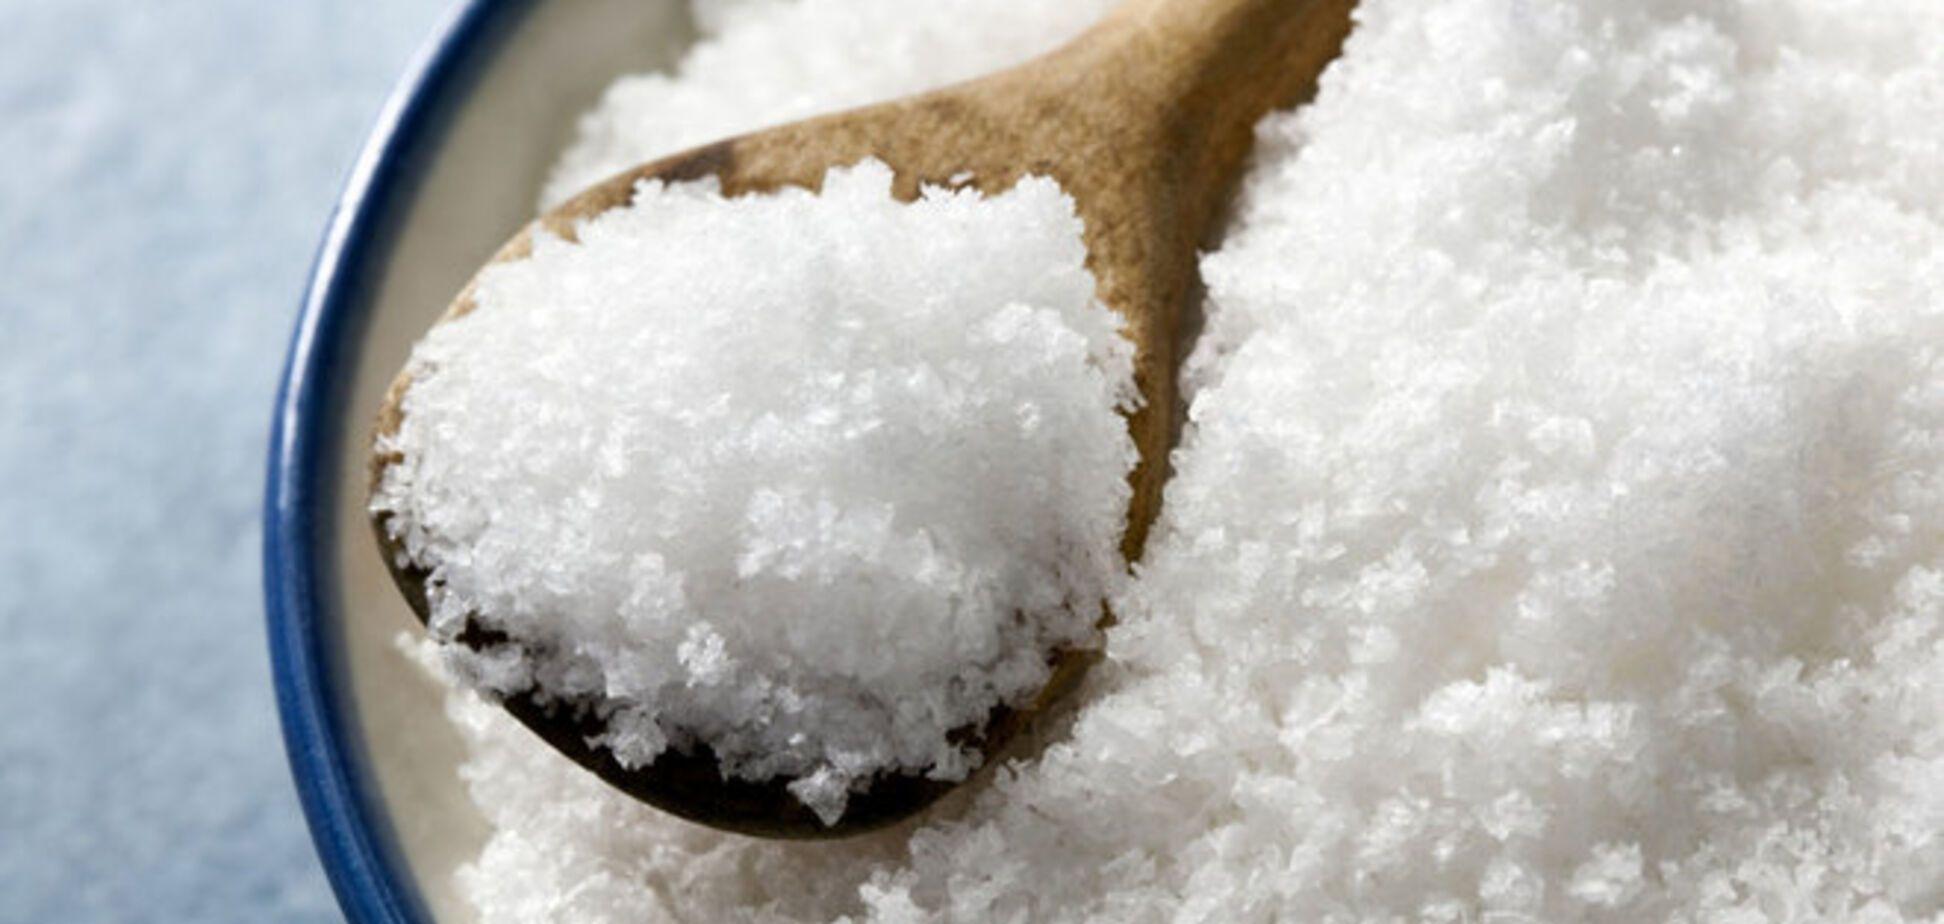 Жить стало веселей? Российская пенсионерка закупила 100 кг соли 'про запас'